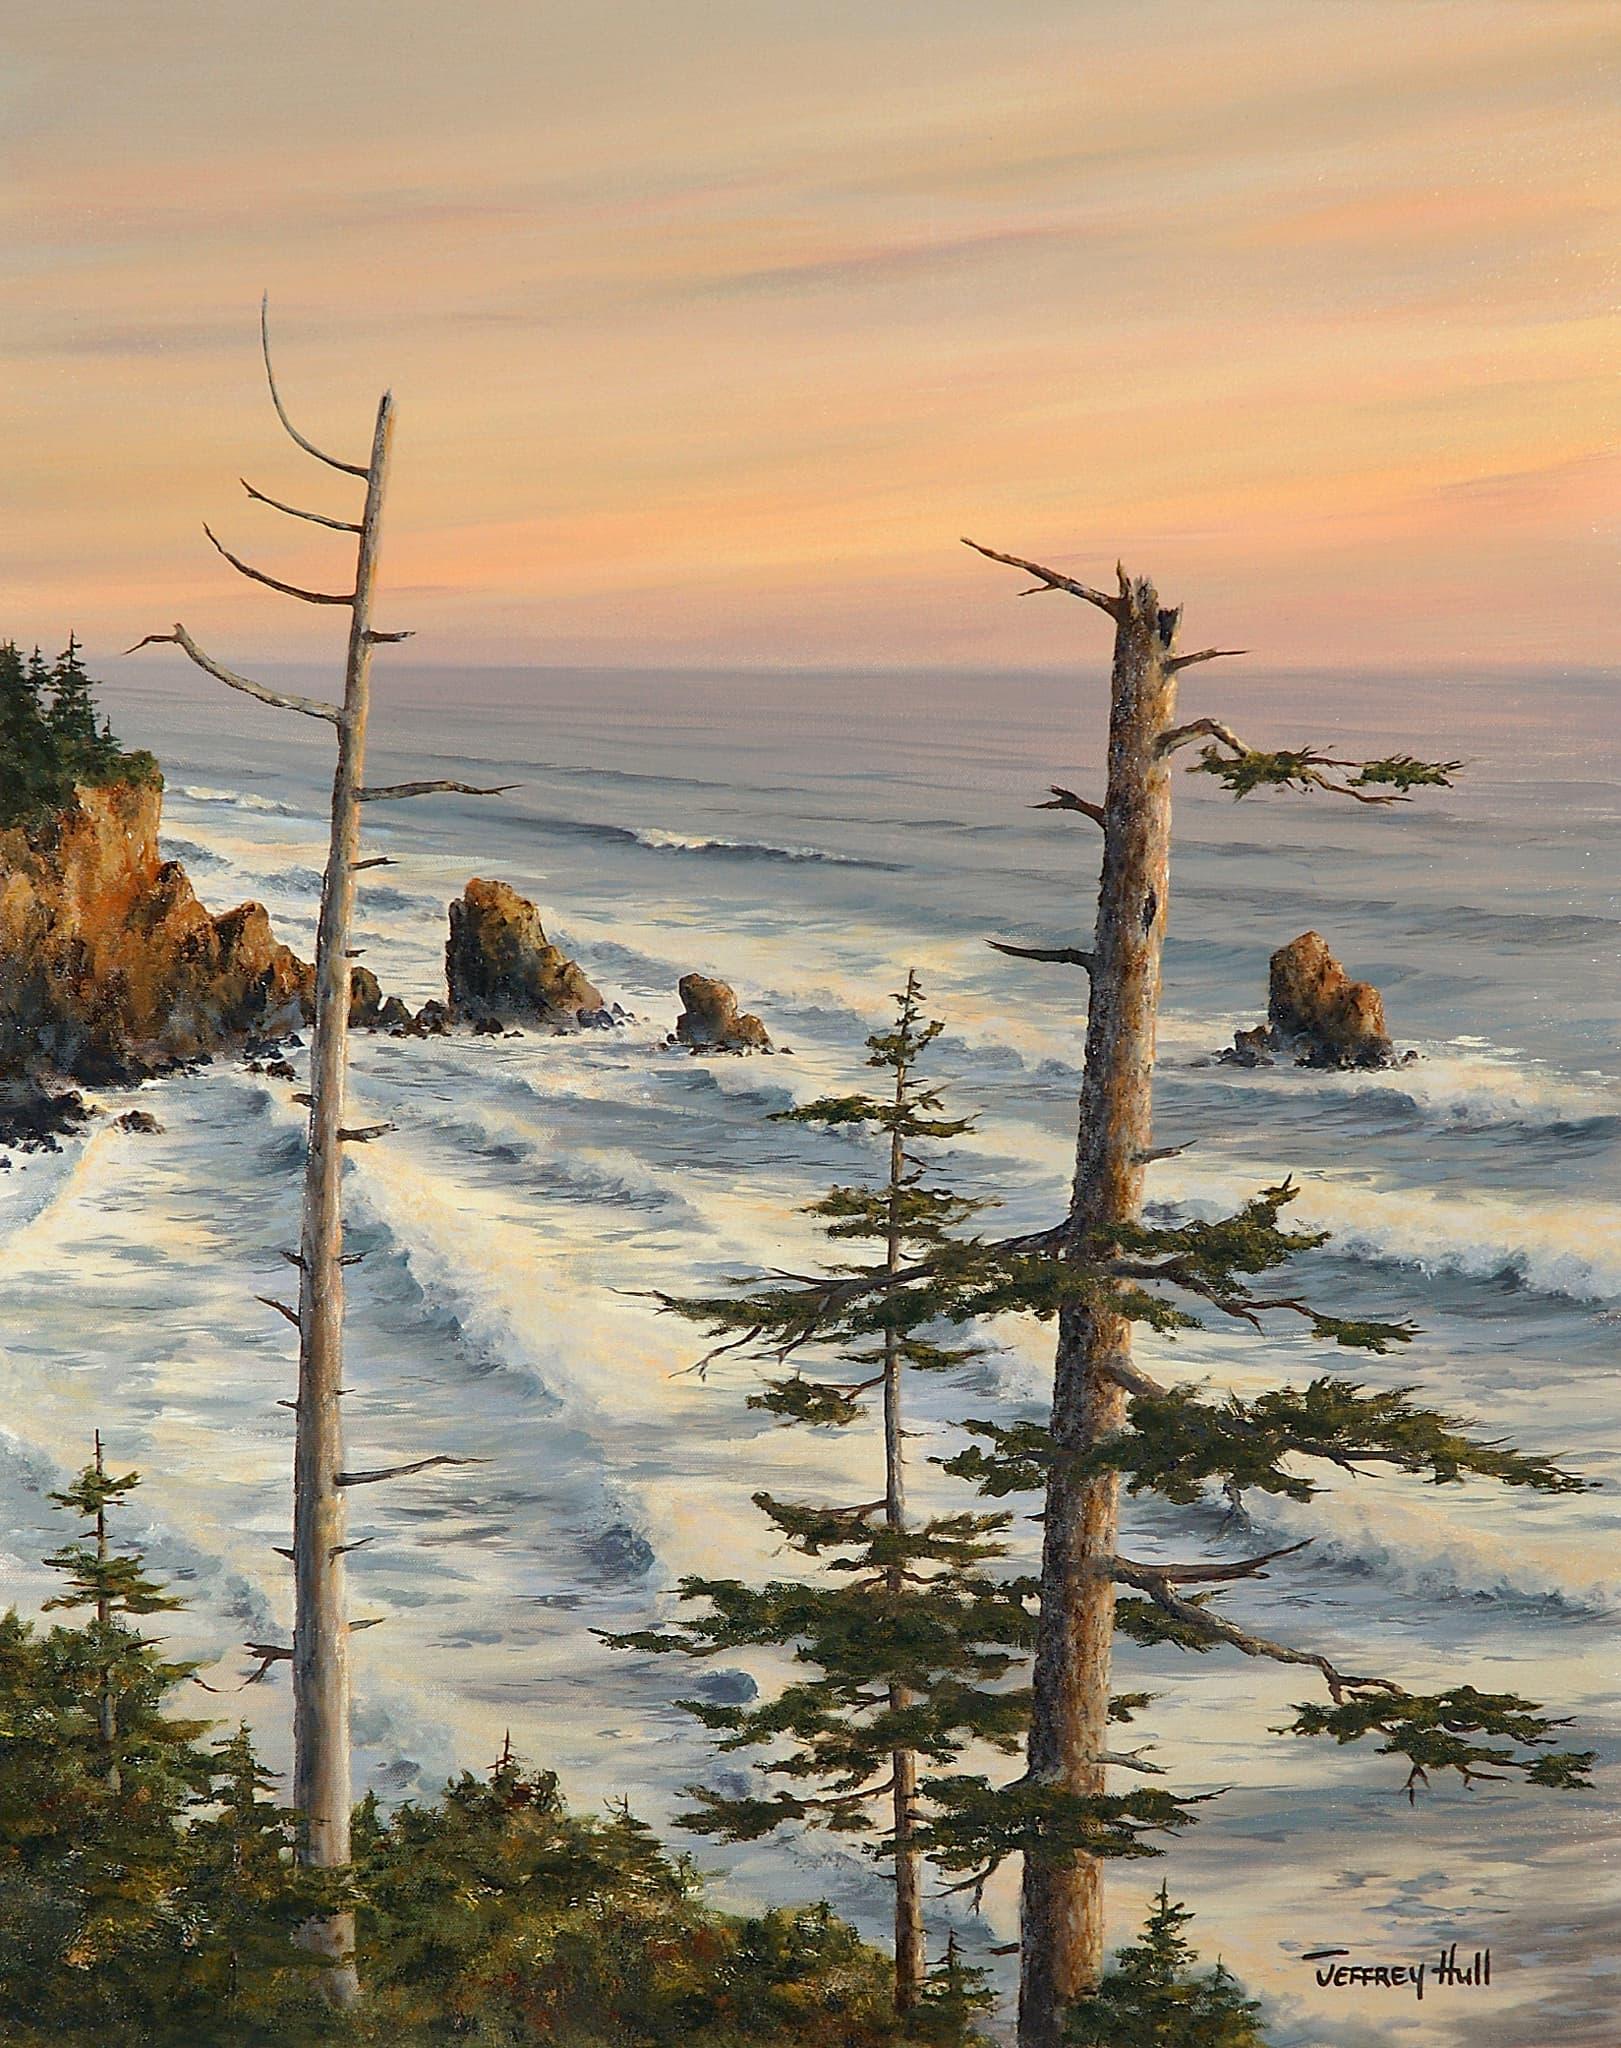 Sunset-Cliffs-4-Website-2021